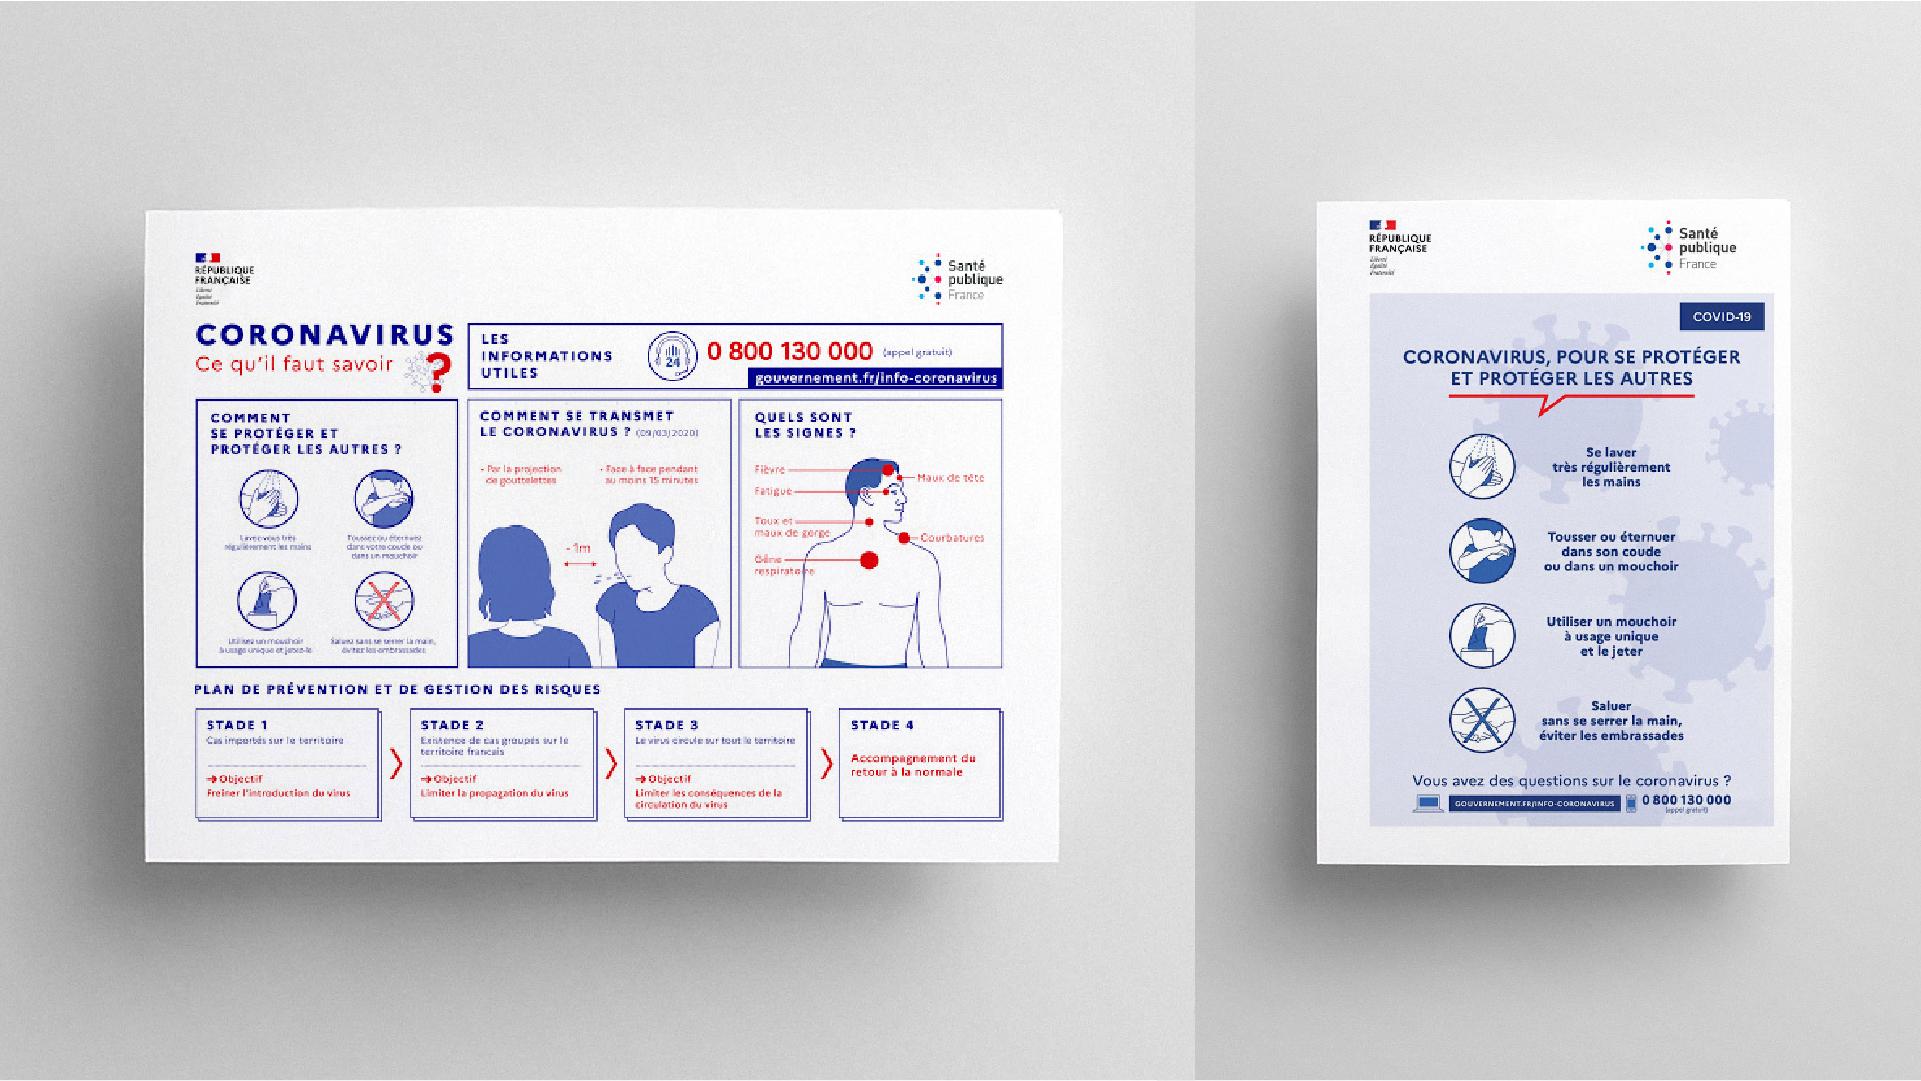 Deux annonces liée au coronavirus 2020 en format portrait et paysage, elle expliquent les gestes barrières, ont y voir la façon dont la marque de l'État vie sur le support